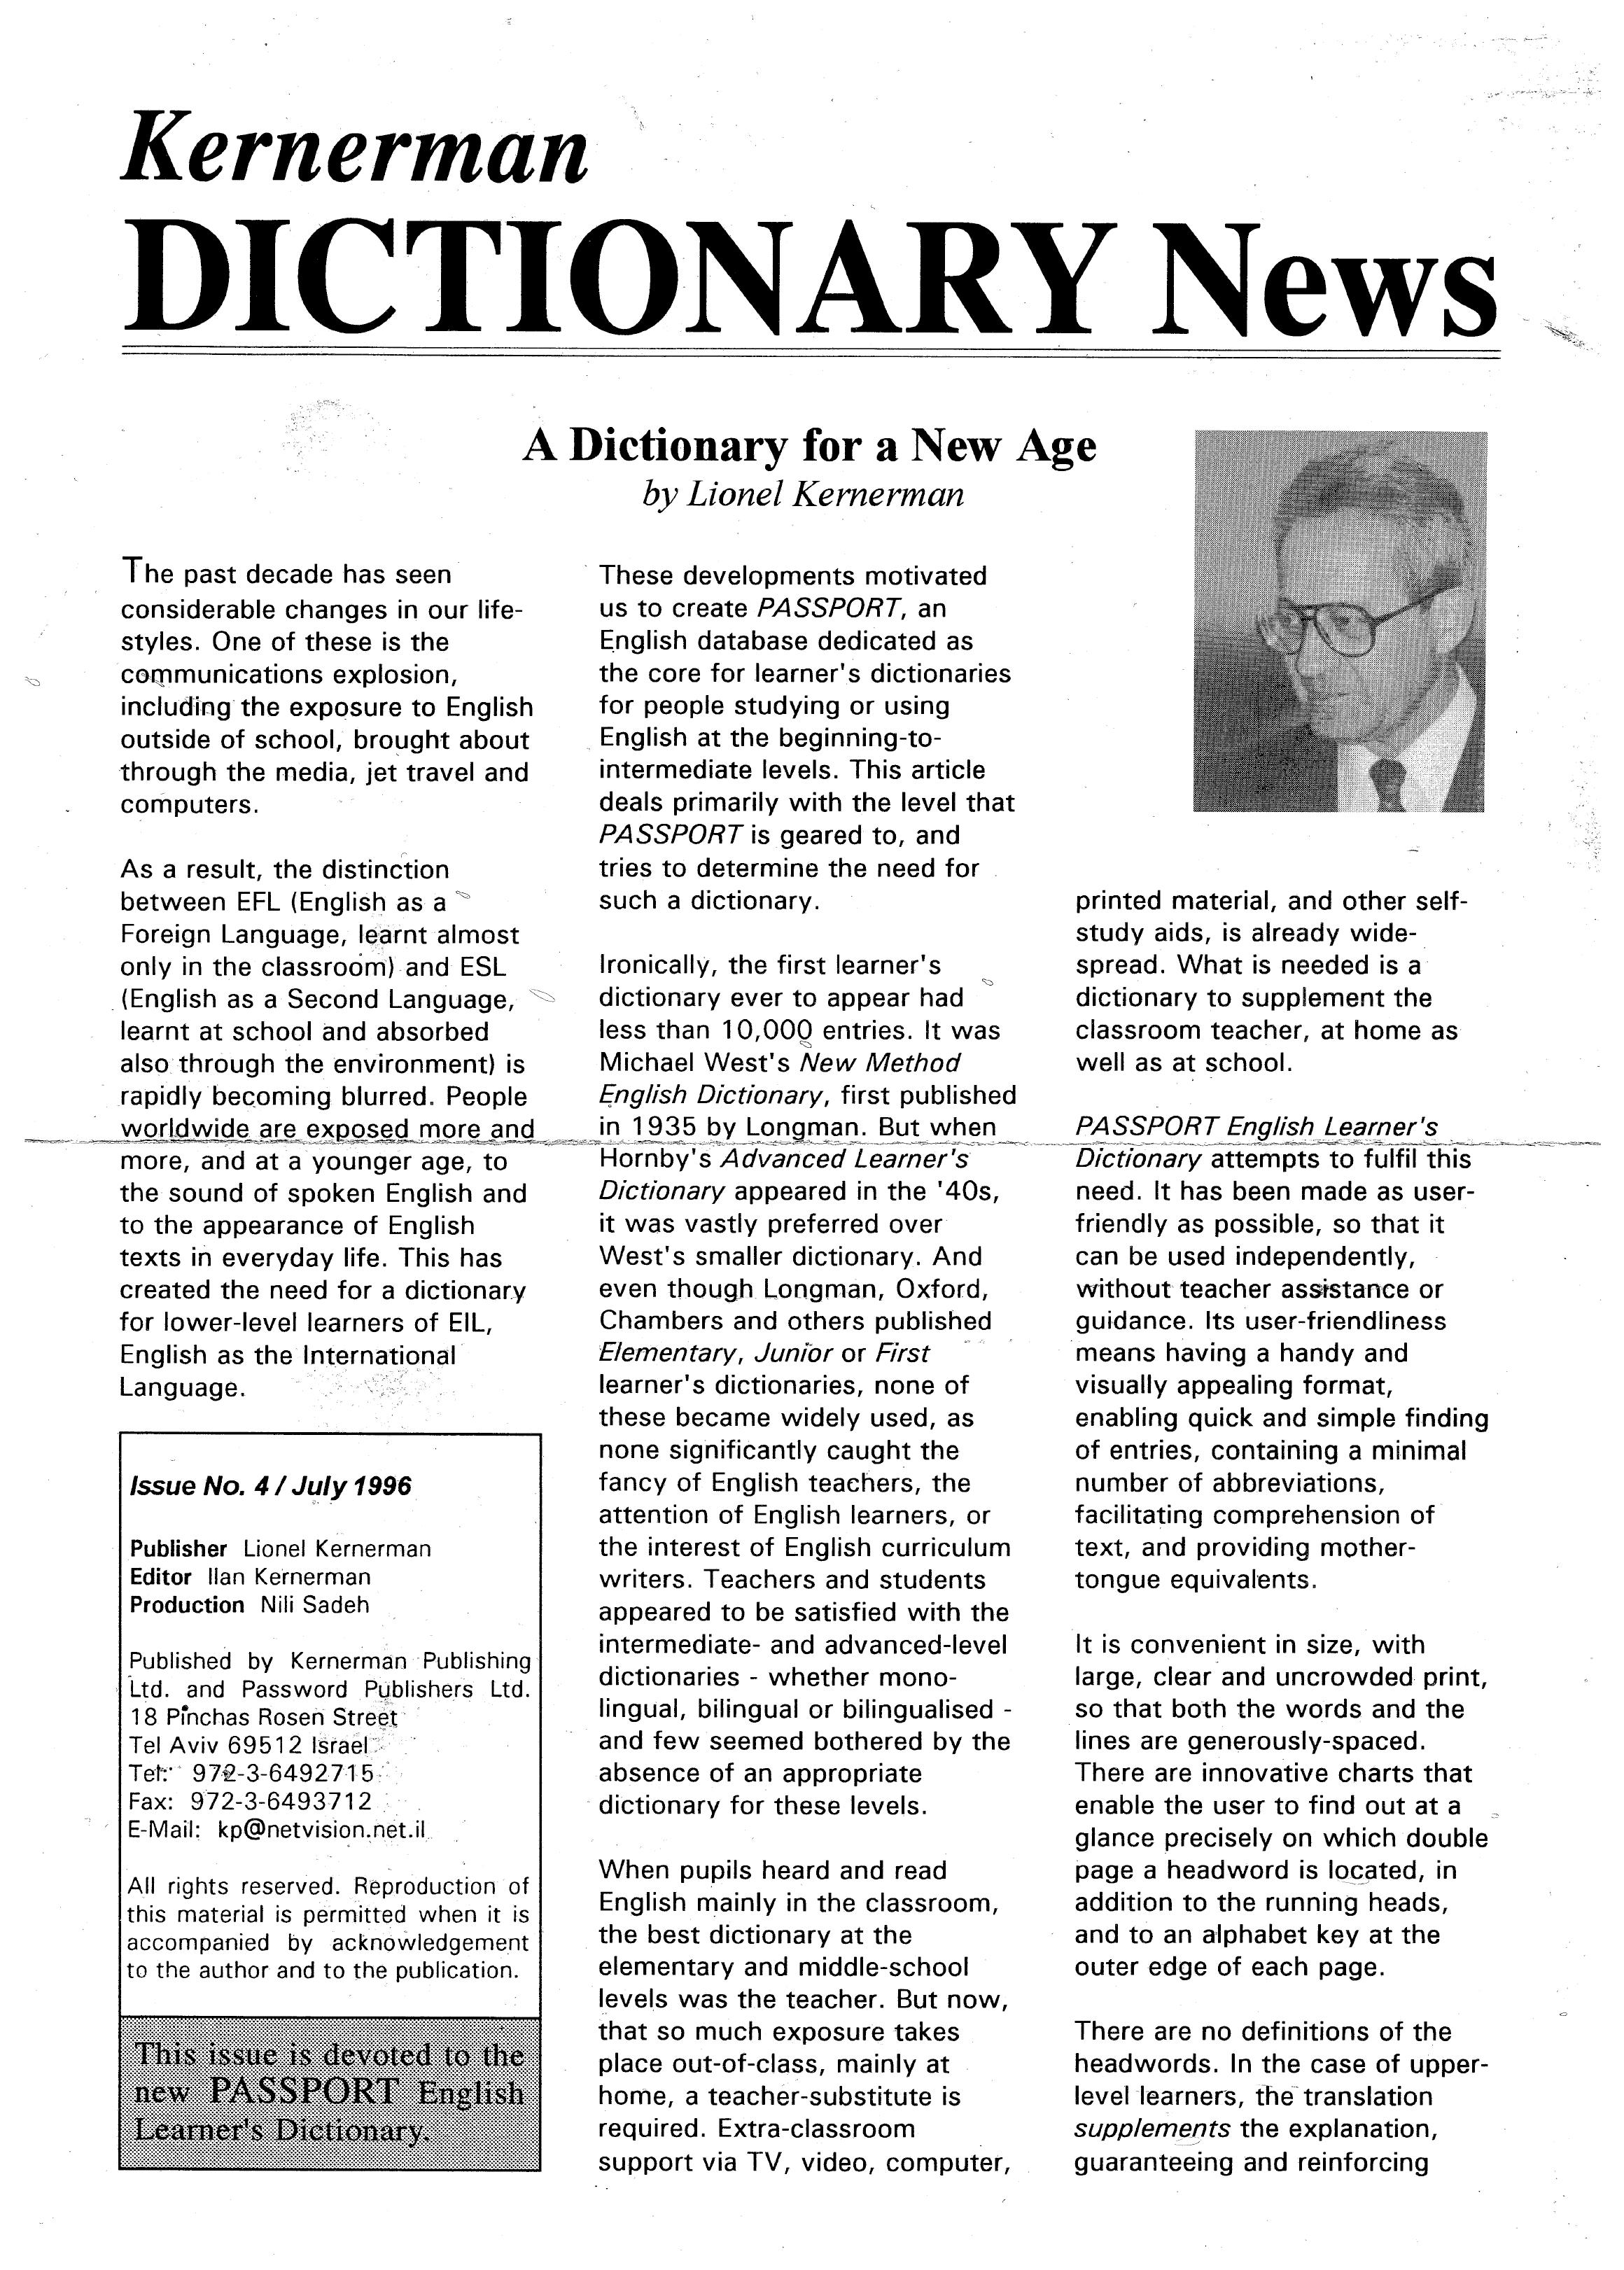 Kernerman semi-bilingual dictionaries